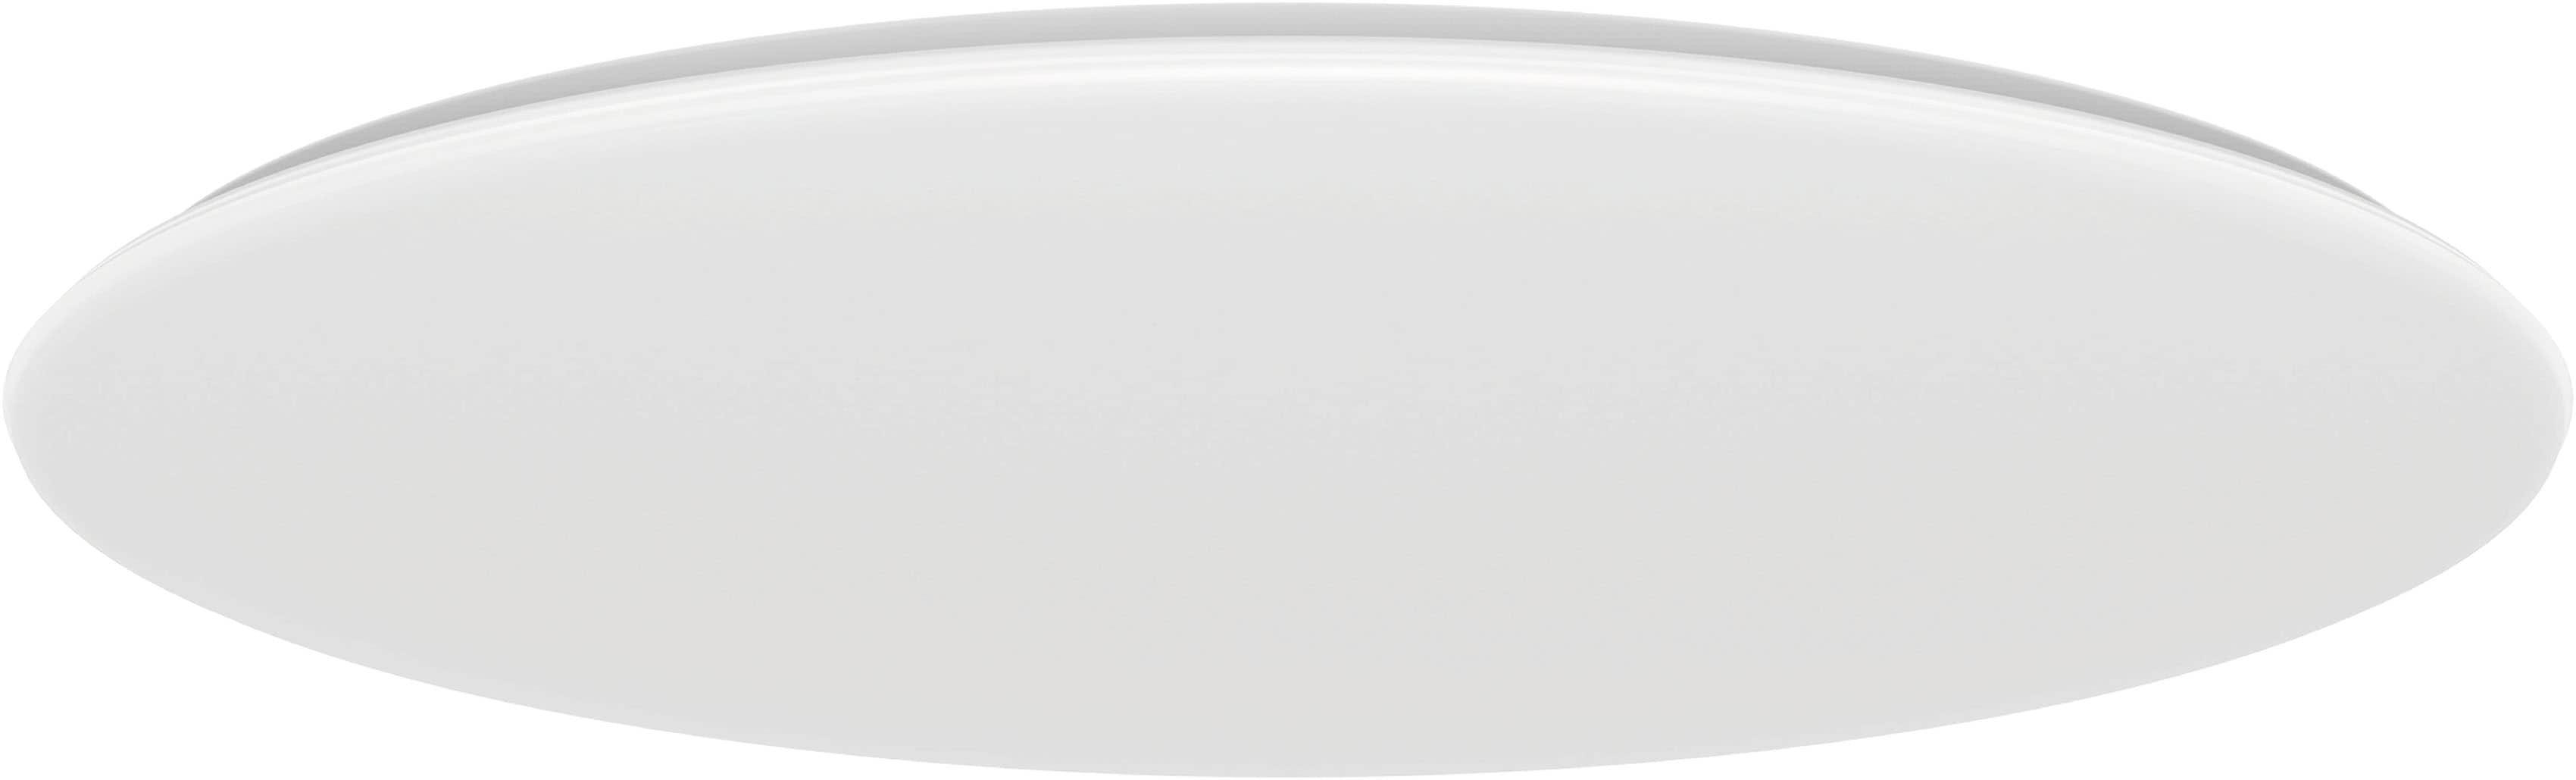 yeelight LED Deckenleuchte Yeelight Galaxy LED Deckenleuchte 480 (Weiß)